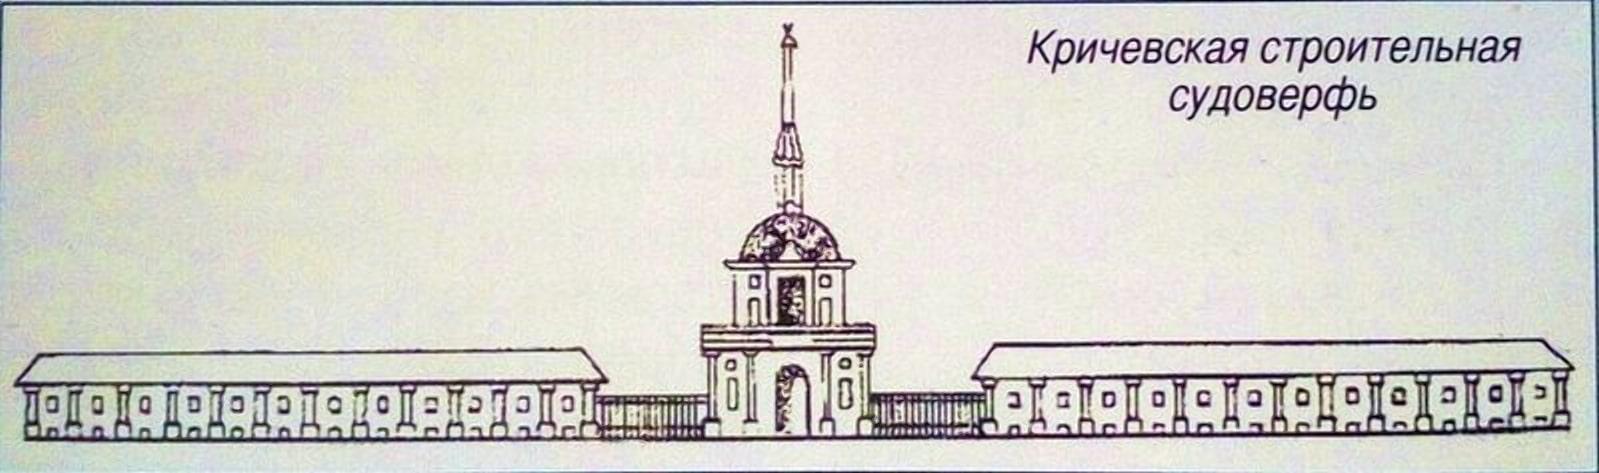 Кричевская судоверфь